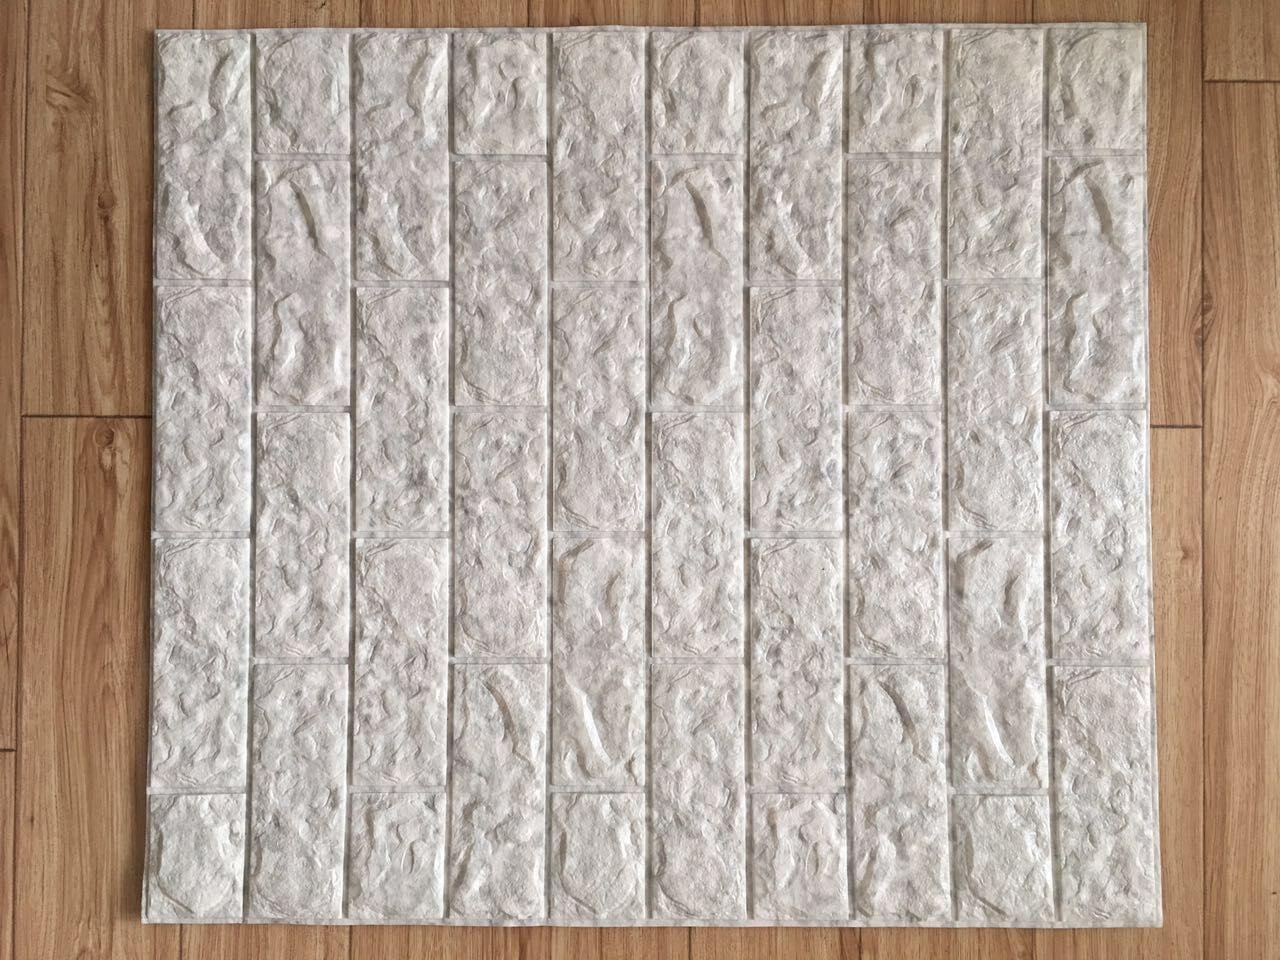 3D Original Stone Rock Brick Marble Granite PVC Coated Waterproof Wallpaper